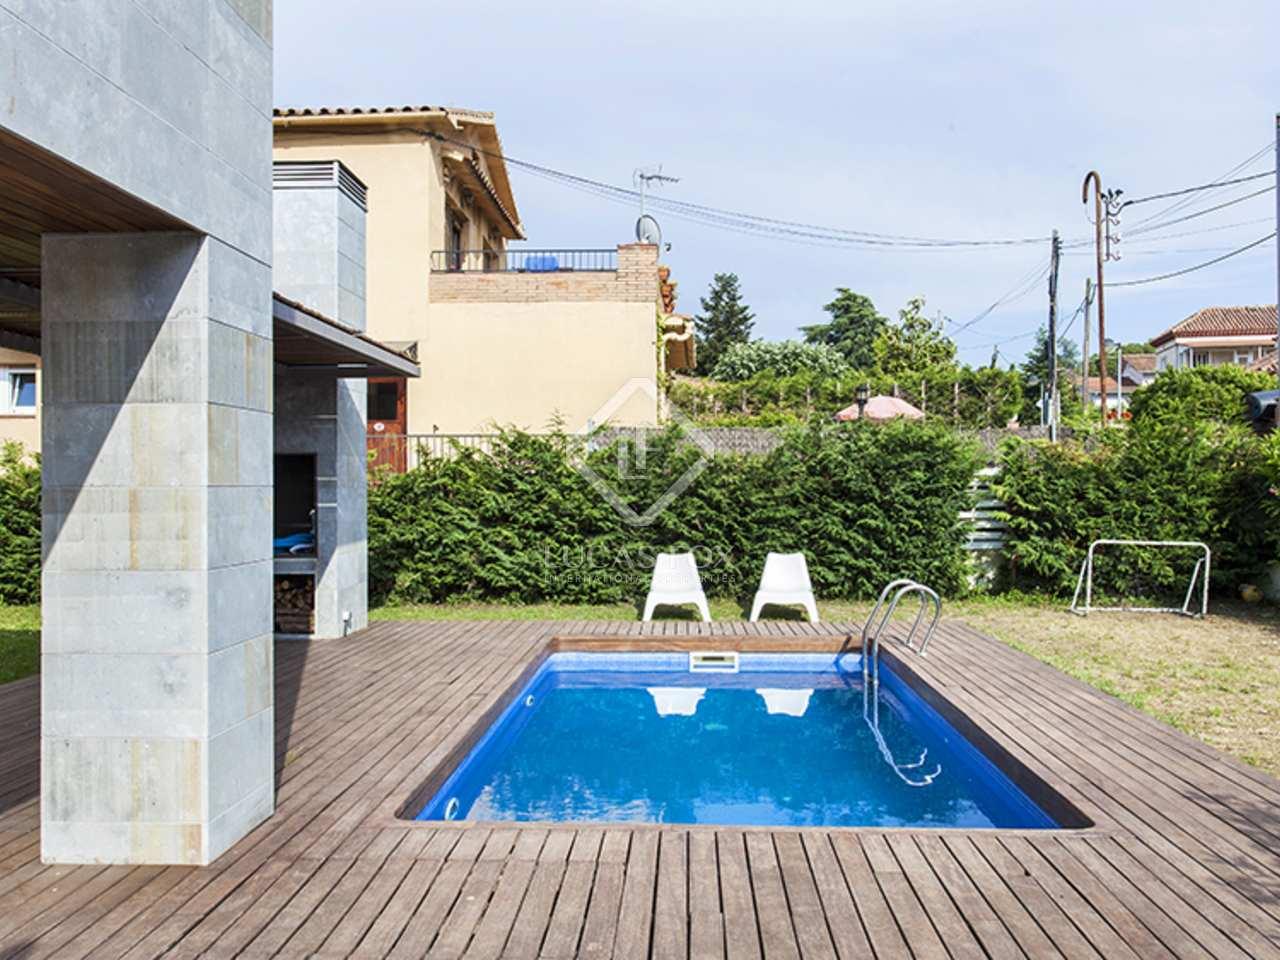 Casa de 4 dormitorios en venta en valldoreix for Piscina valldoreix